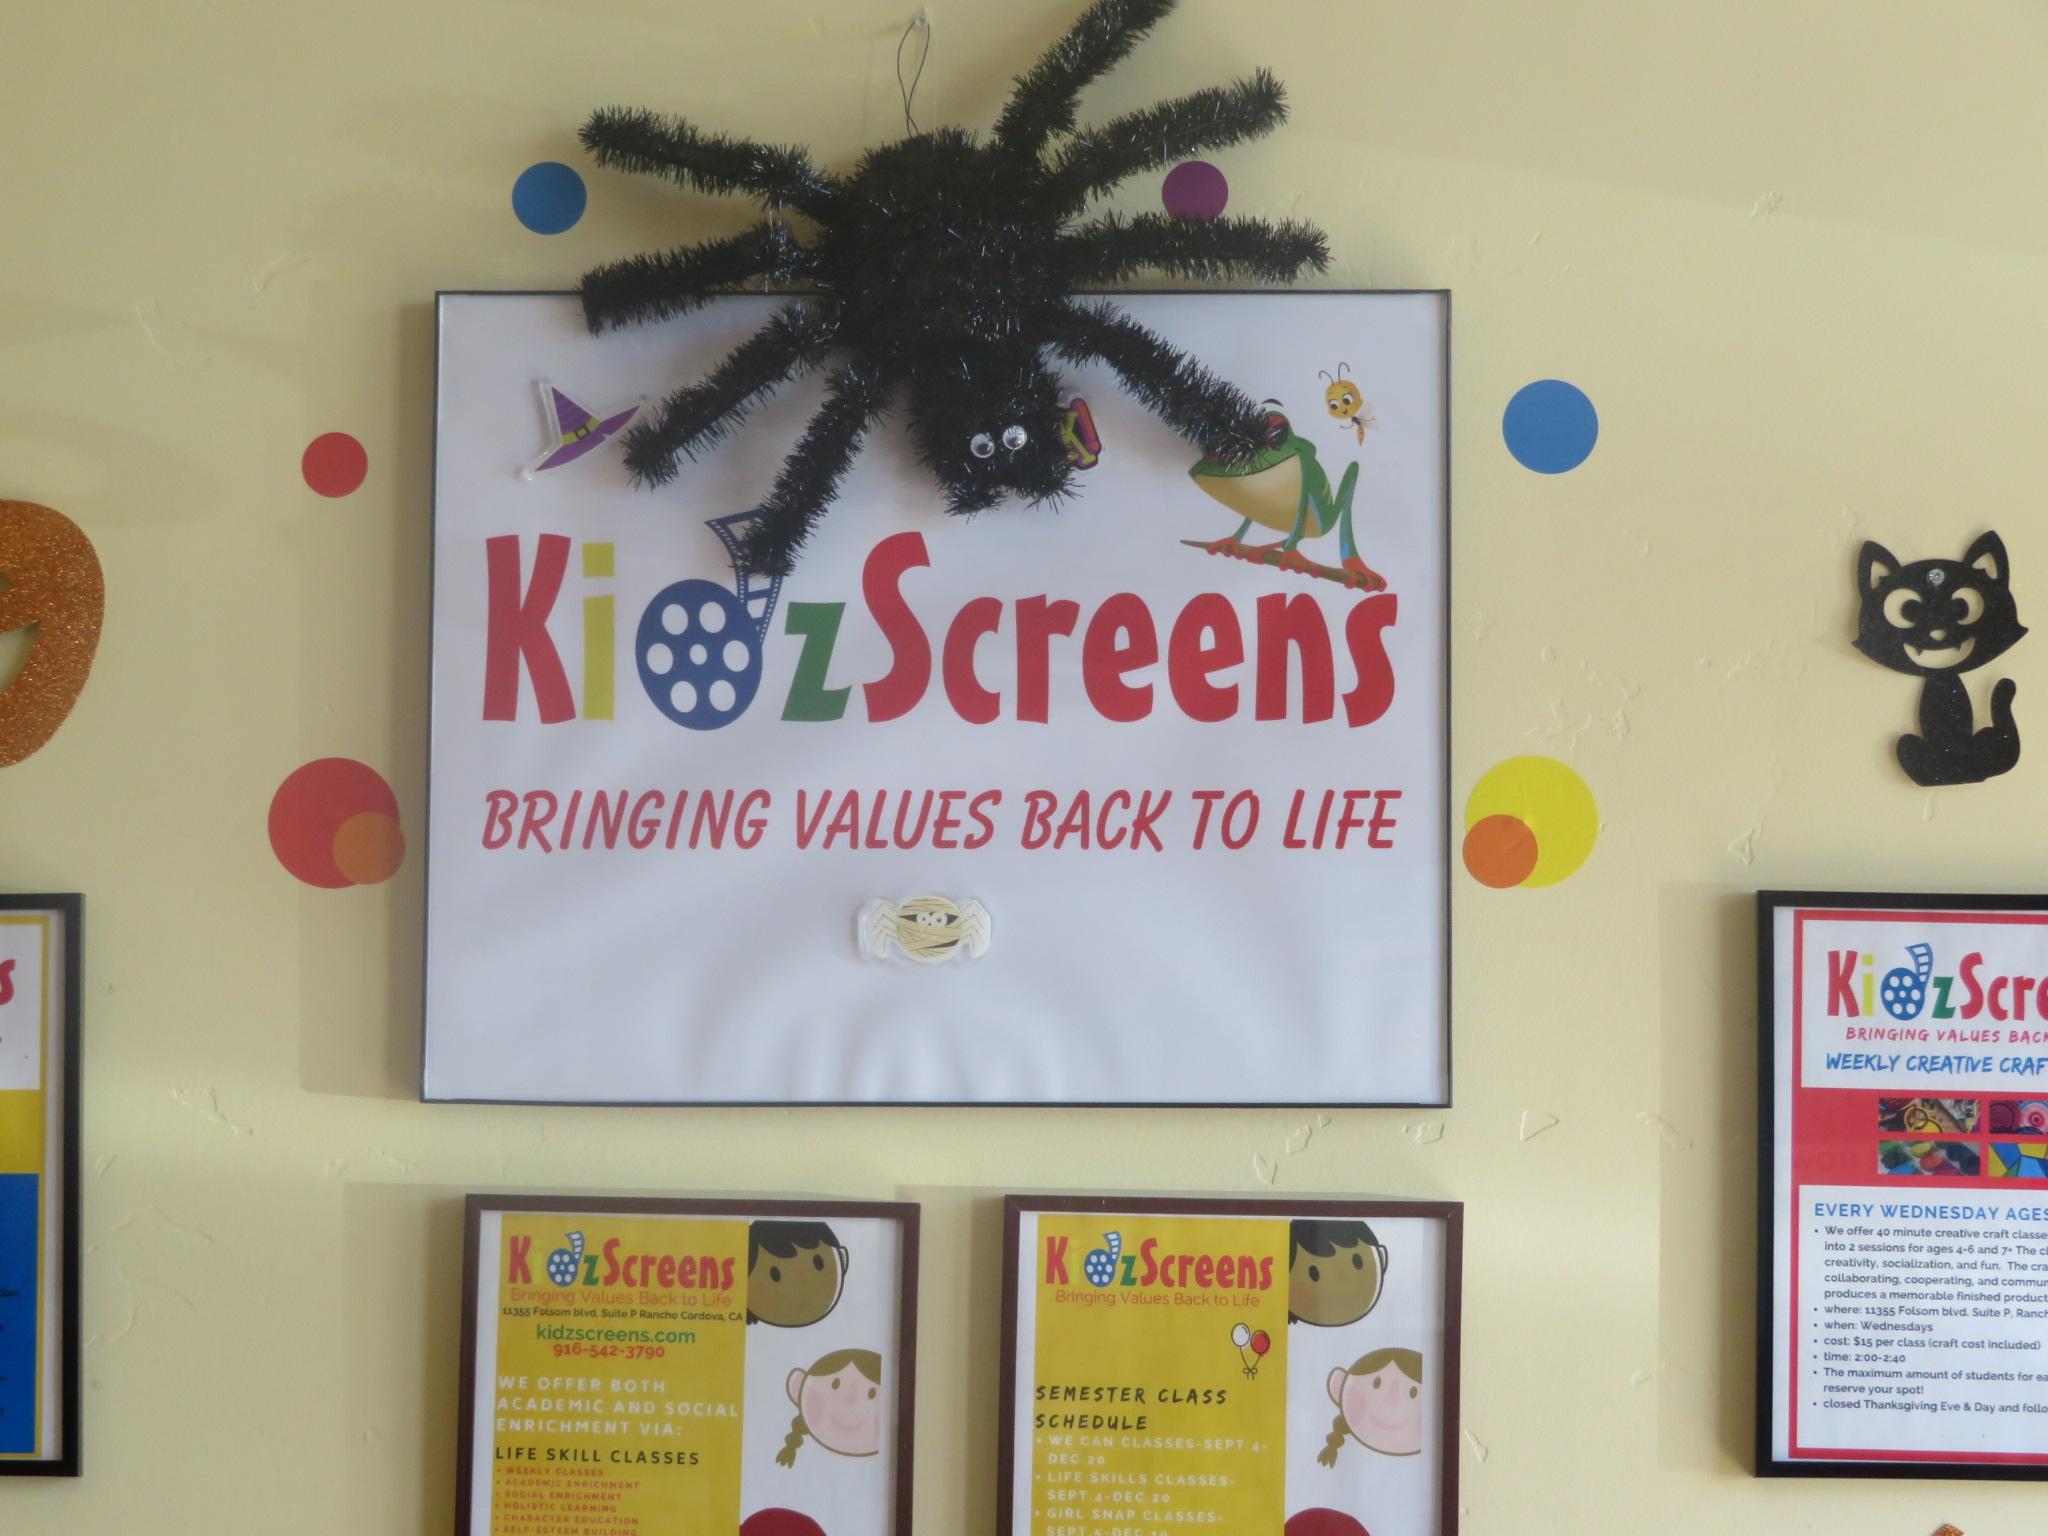 KidzScreens